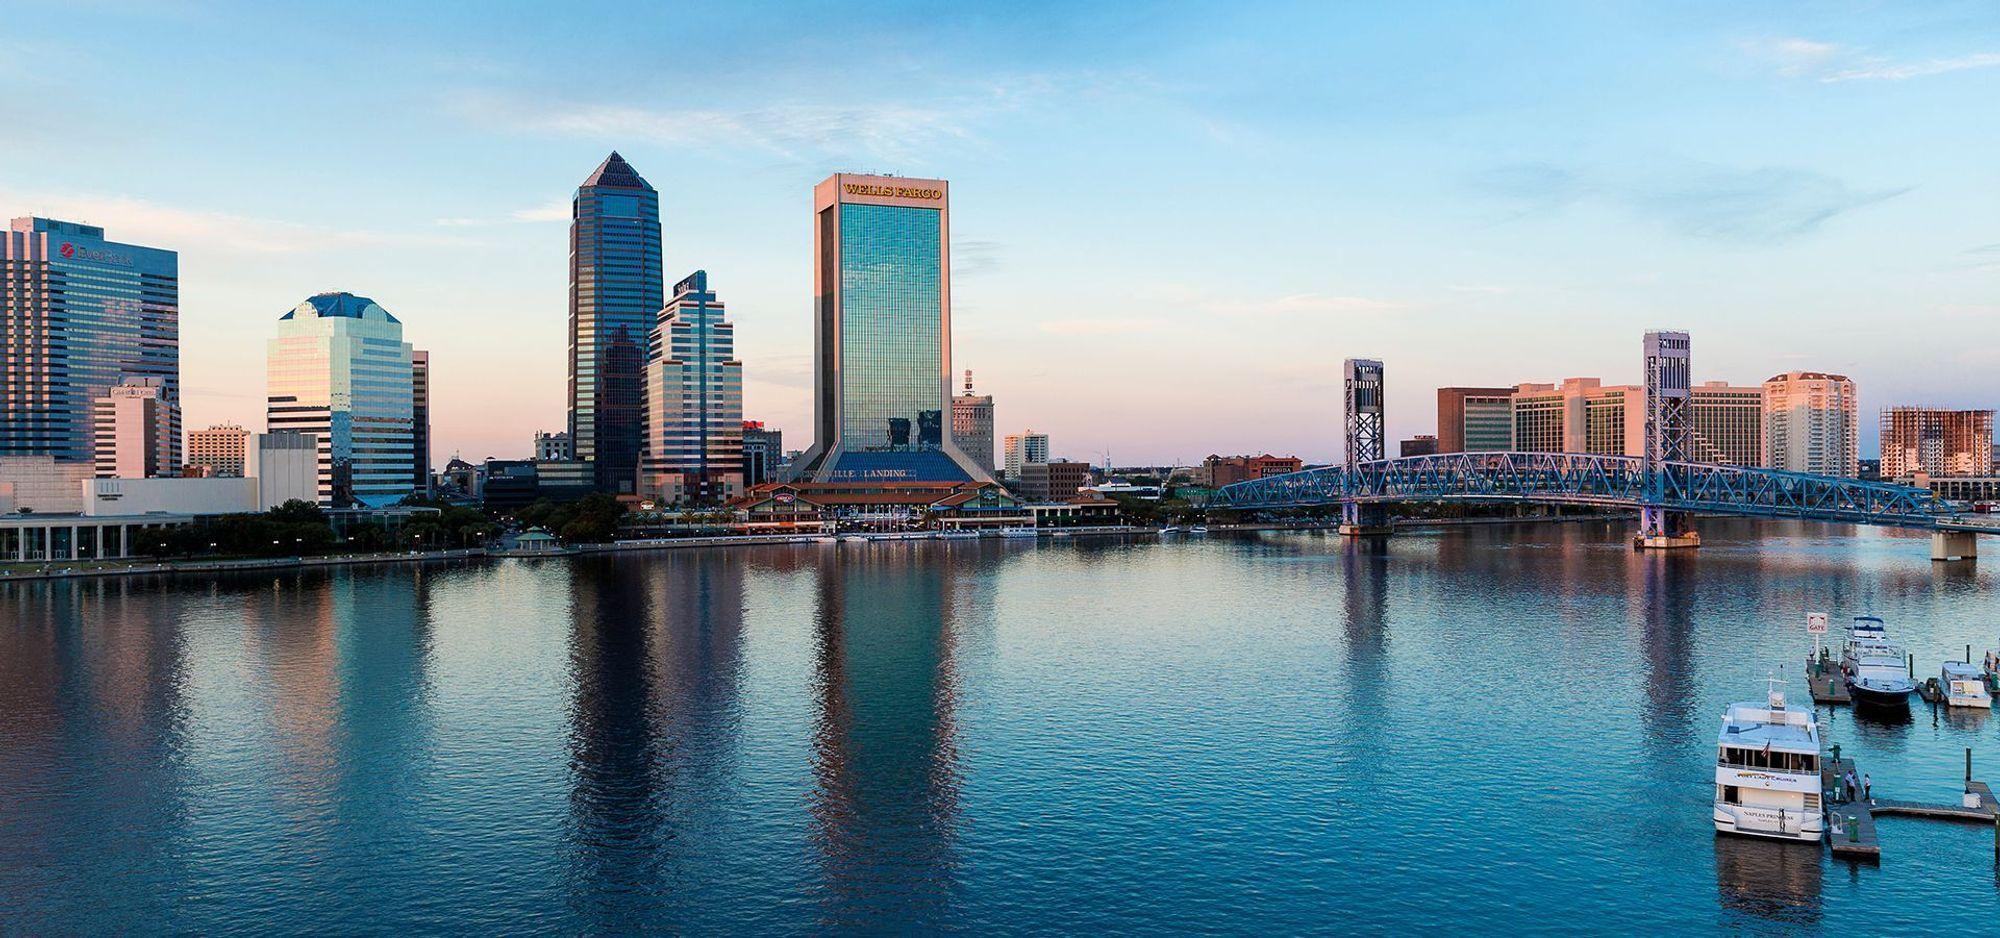 TEA har sitt hovedkontor i Jacksonville. Storbymetropolener den største byen i den amerikanske delstaten Florida - målt i folketall - og den trettende største i USA.